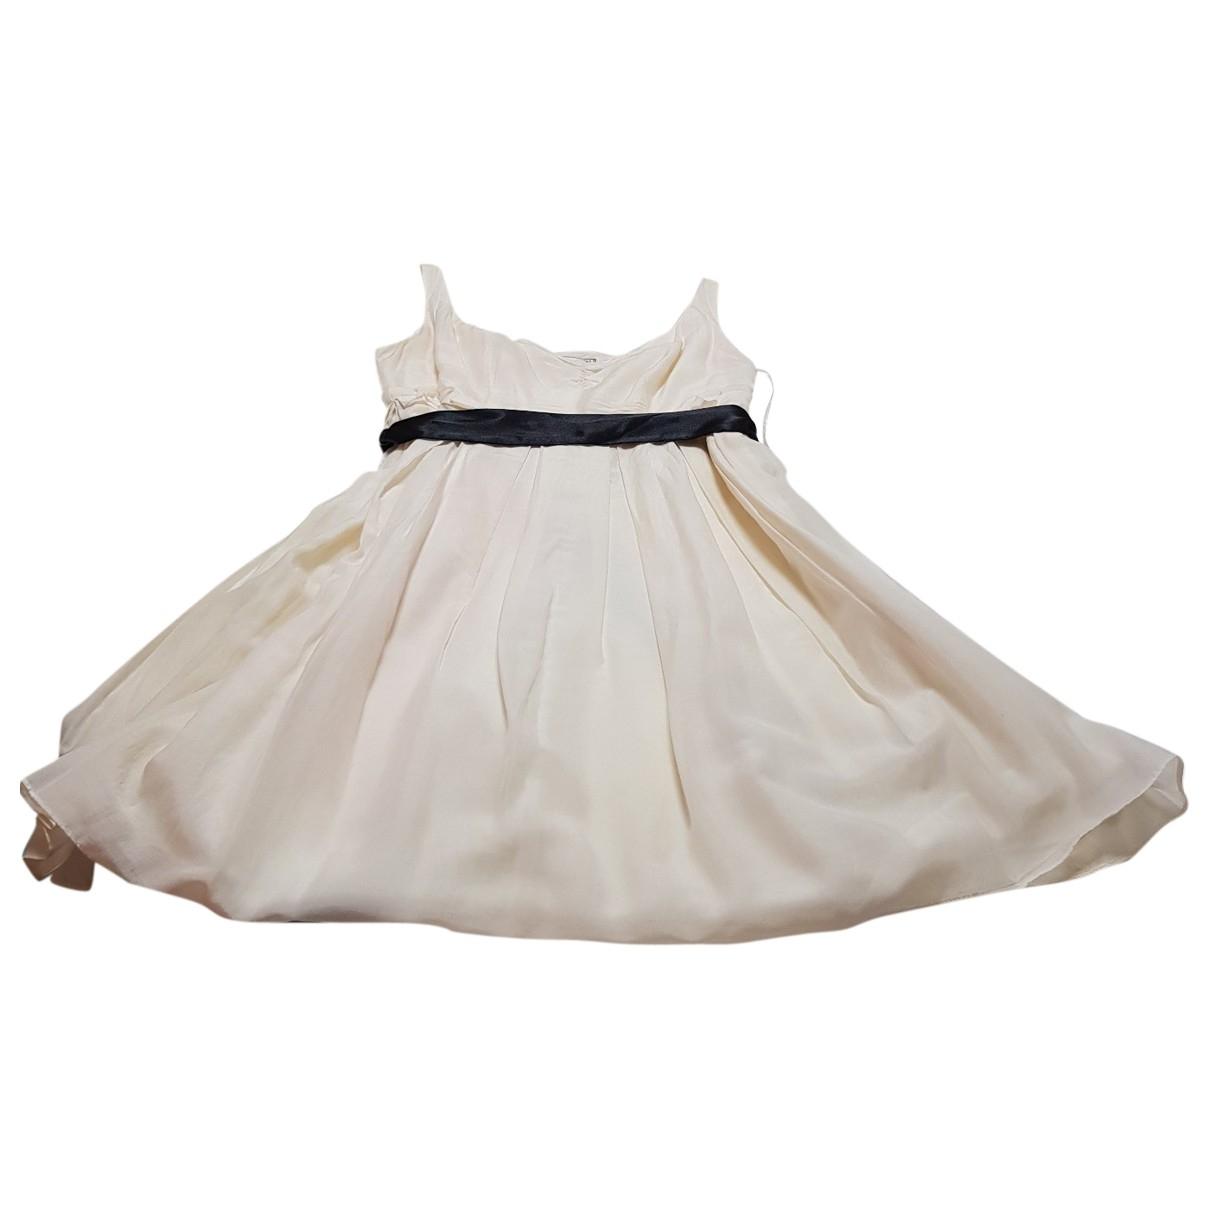 Guess \N Kleid in  Ecru Polyester